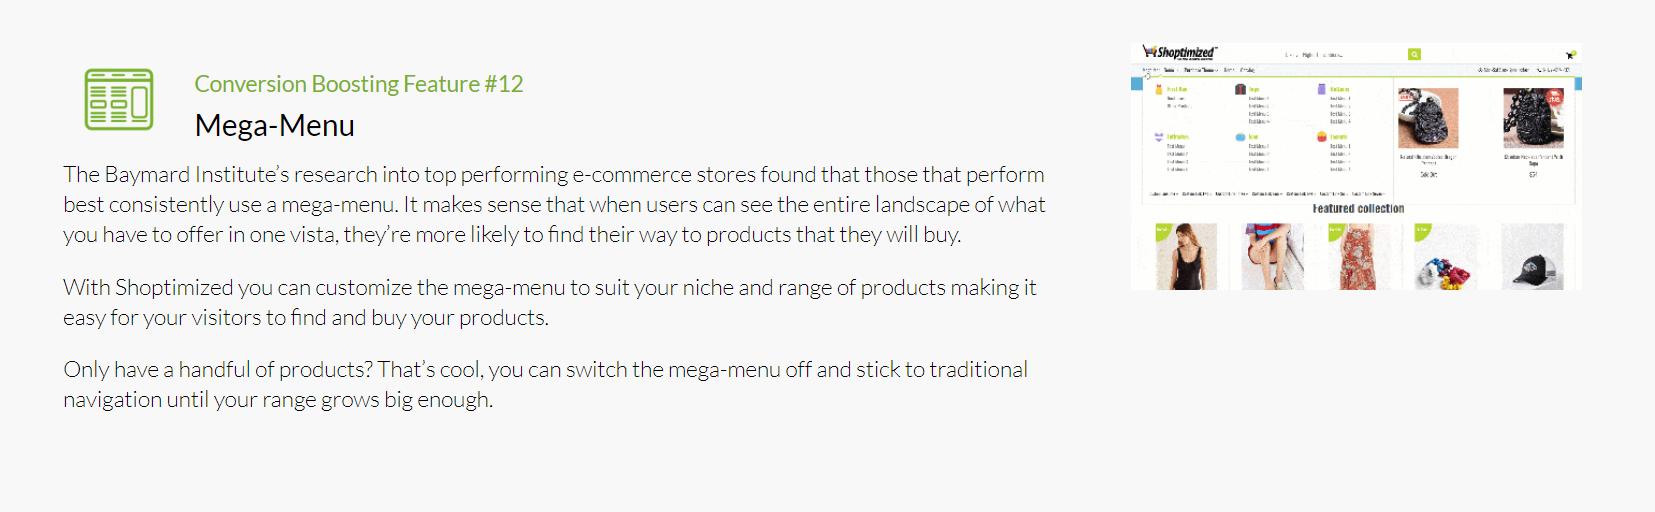 Shoptimized - Mega Menu